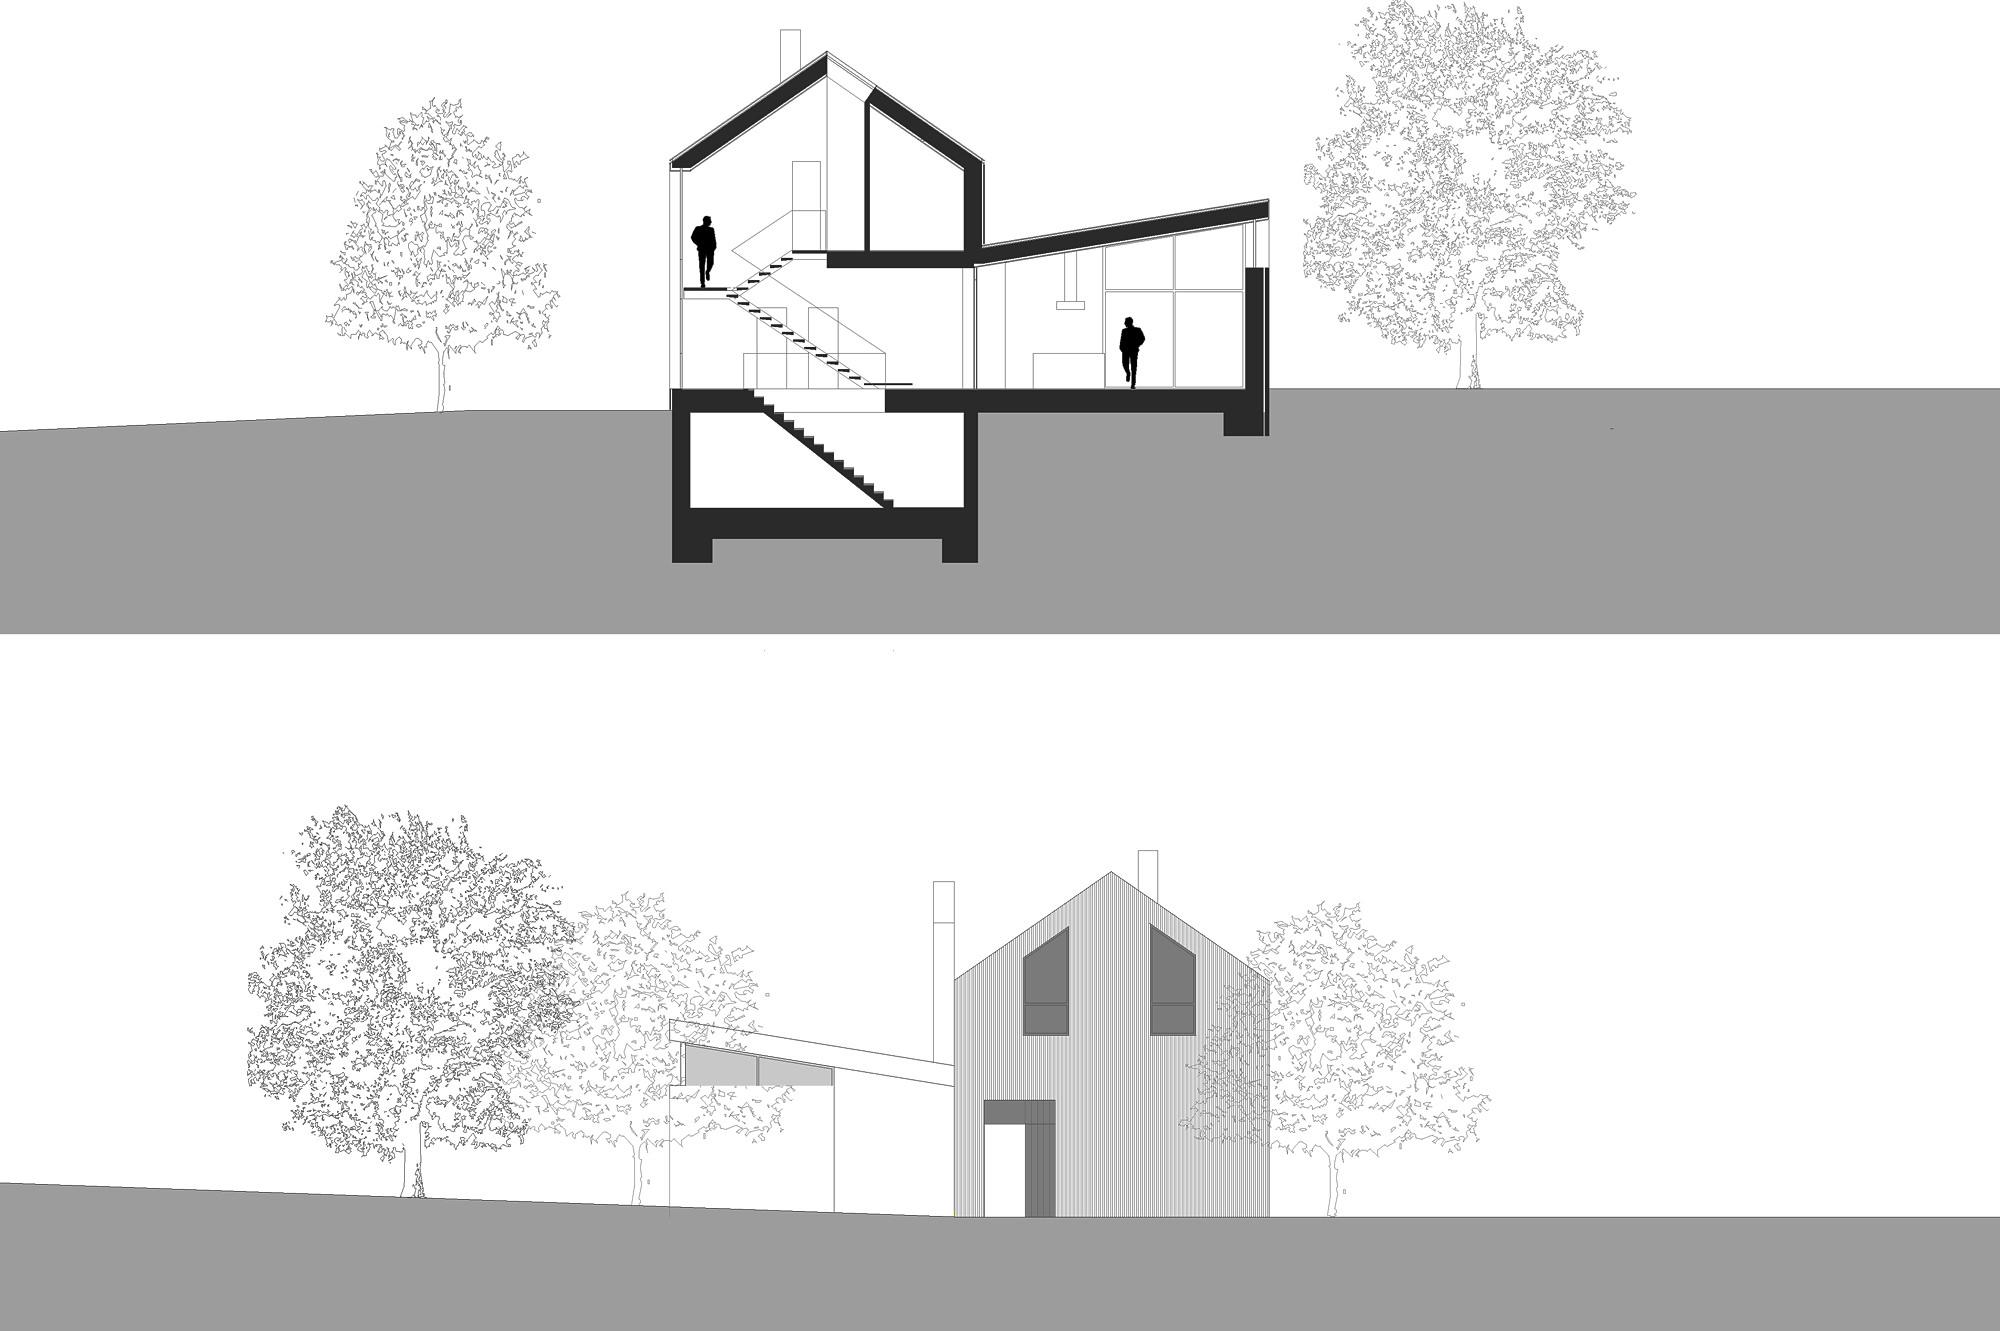 haus_rw_17_niedrigenergie_villa_in_klosterneuburg_niederoesterreich_junger_beer_architektur